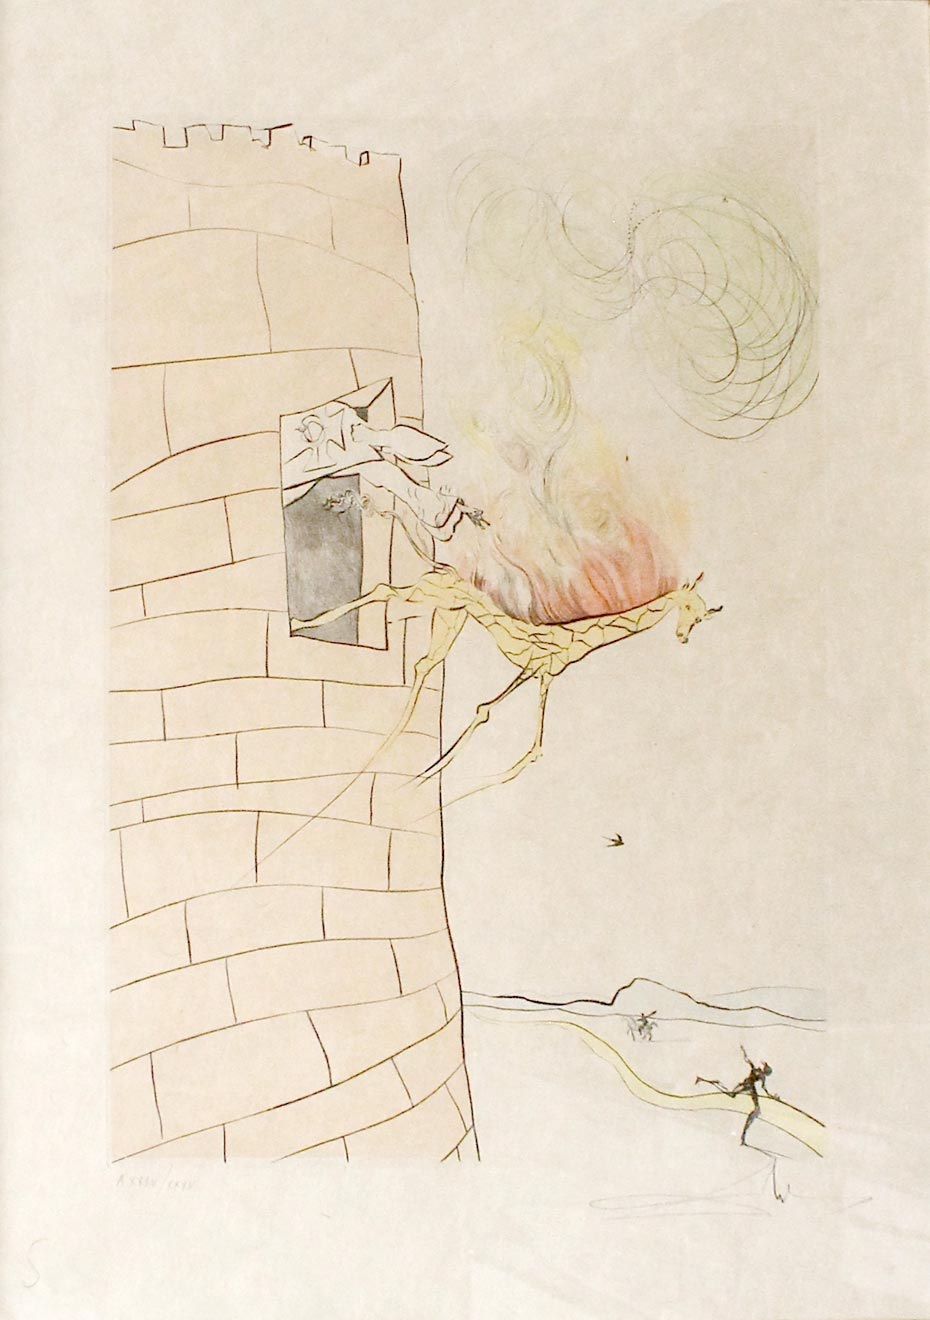 Le Grand Inquisiteur chasse le serviteur (Der Großinquisitor verstößt den Heiland)